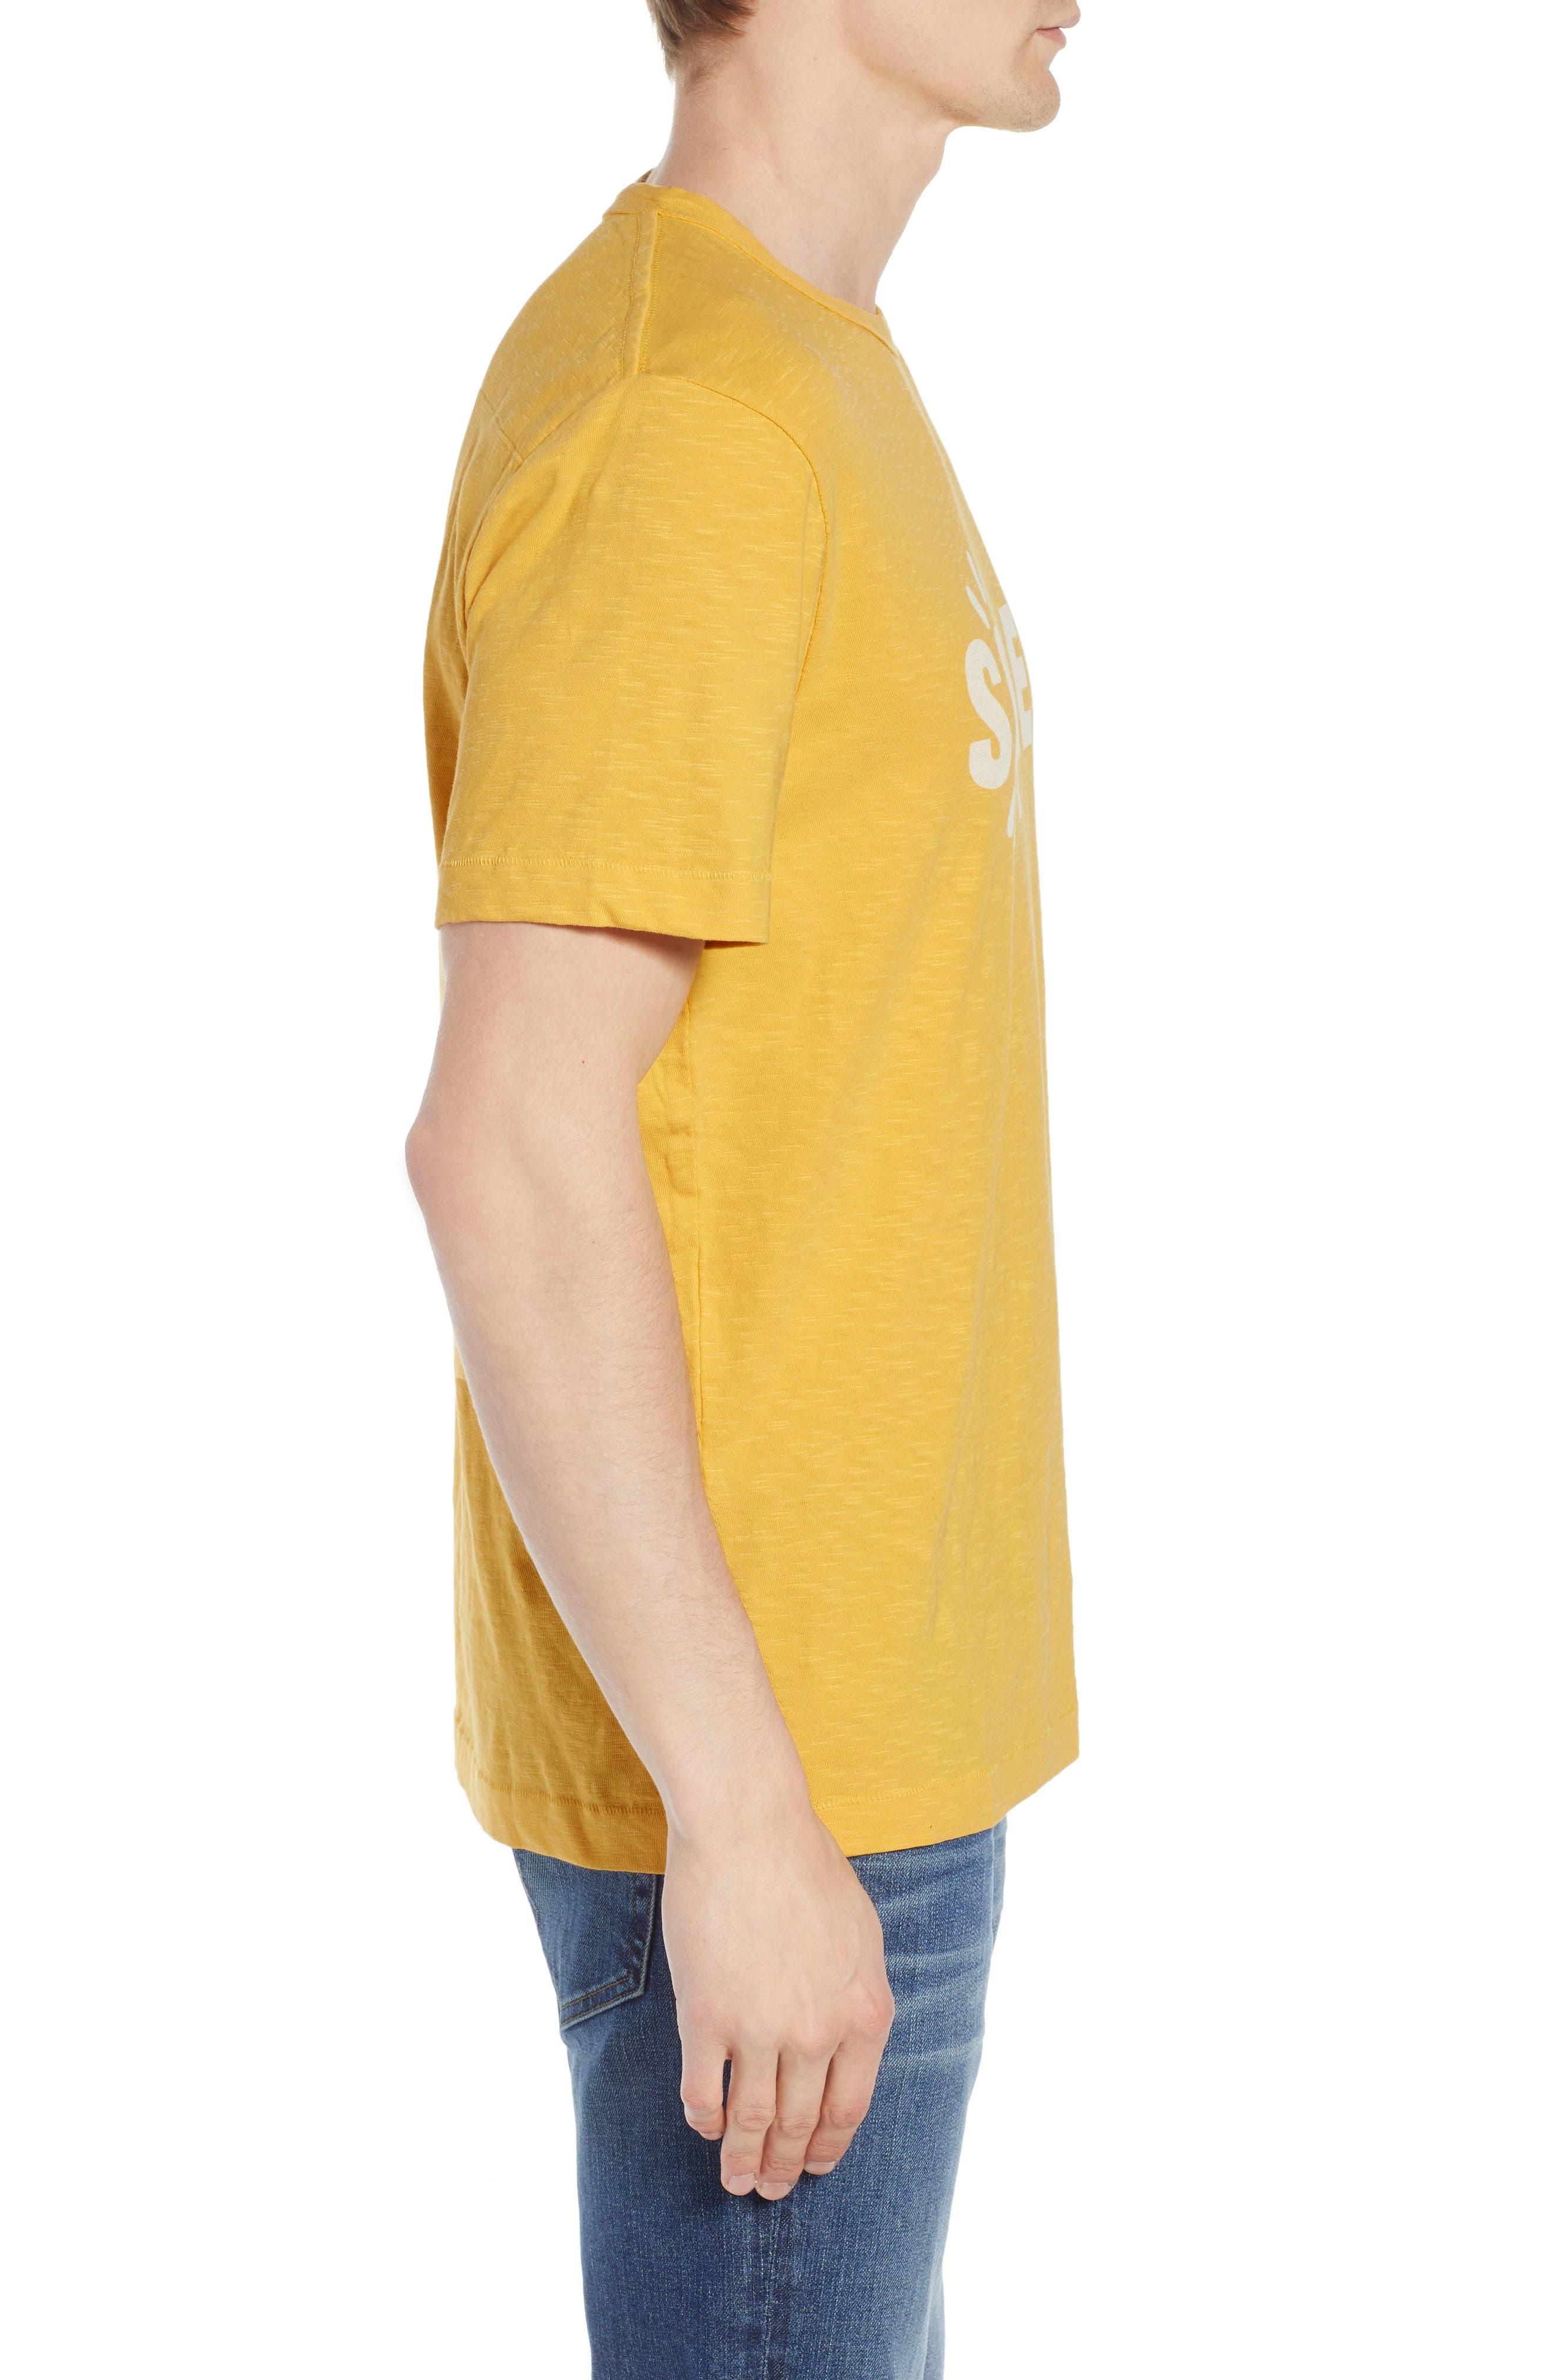 Soleil T-Shirt,                             Alternate thumbnail 3, color,                             731